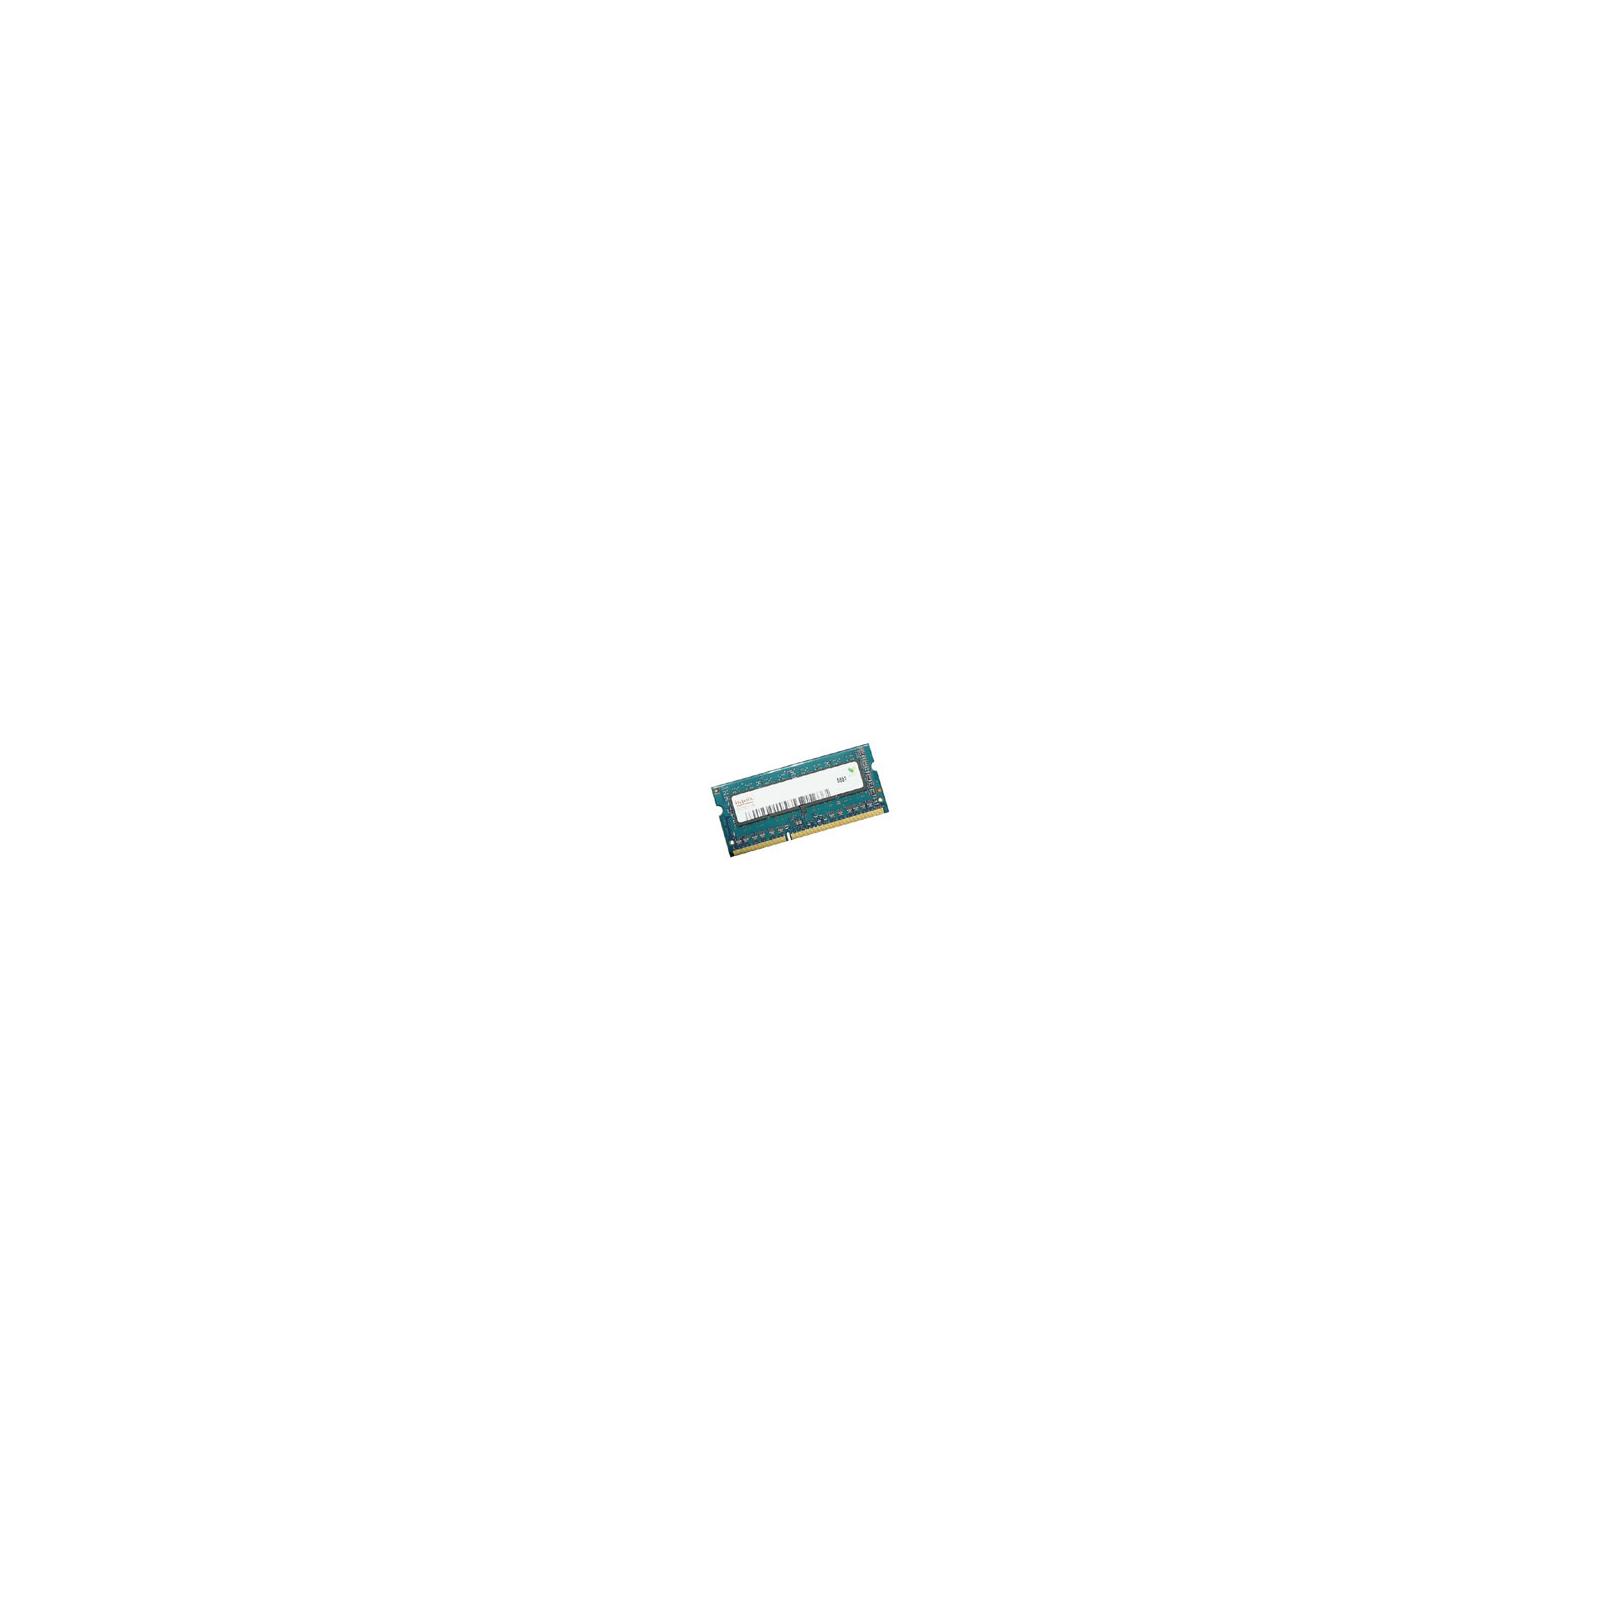 Модуль памяти для ноутбука SoDIMM DDR3 2GB 1333 MHz Hynix (HMT125S6DFR8C / HMT325S6BFR8C)